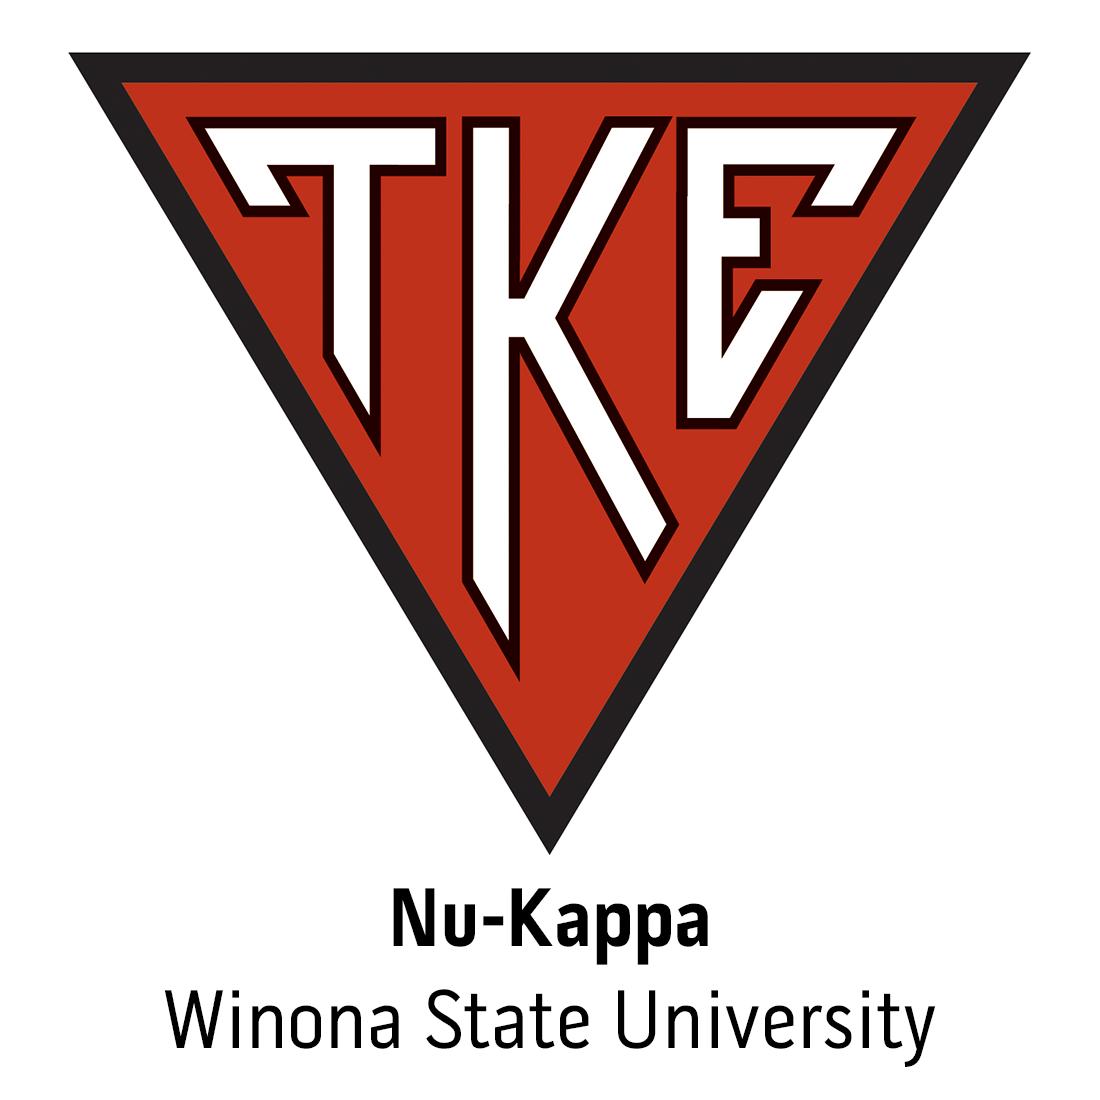 Nu-Kappa Chapter at Winona State University